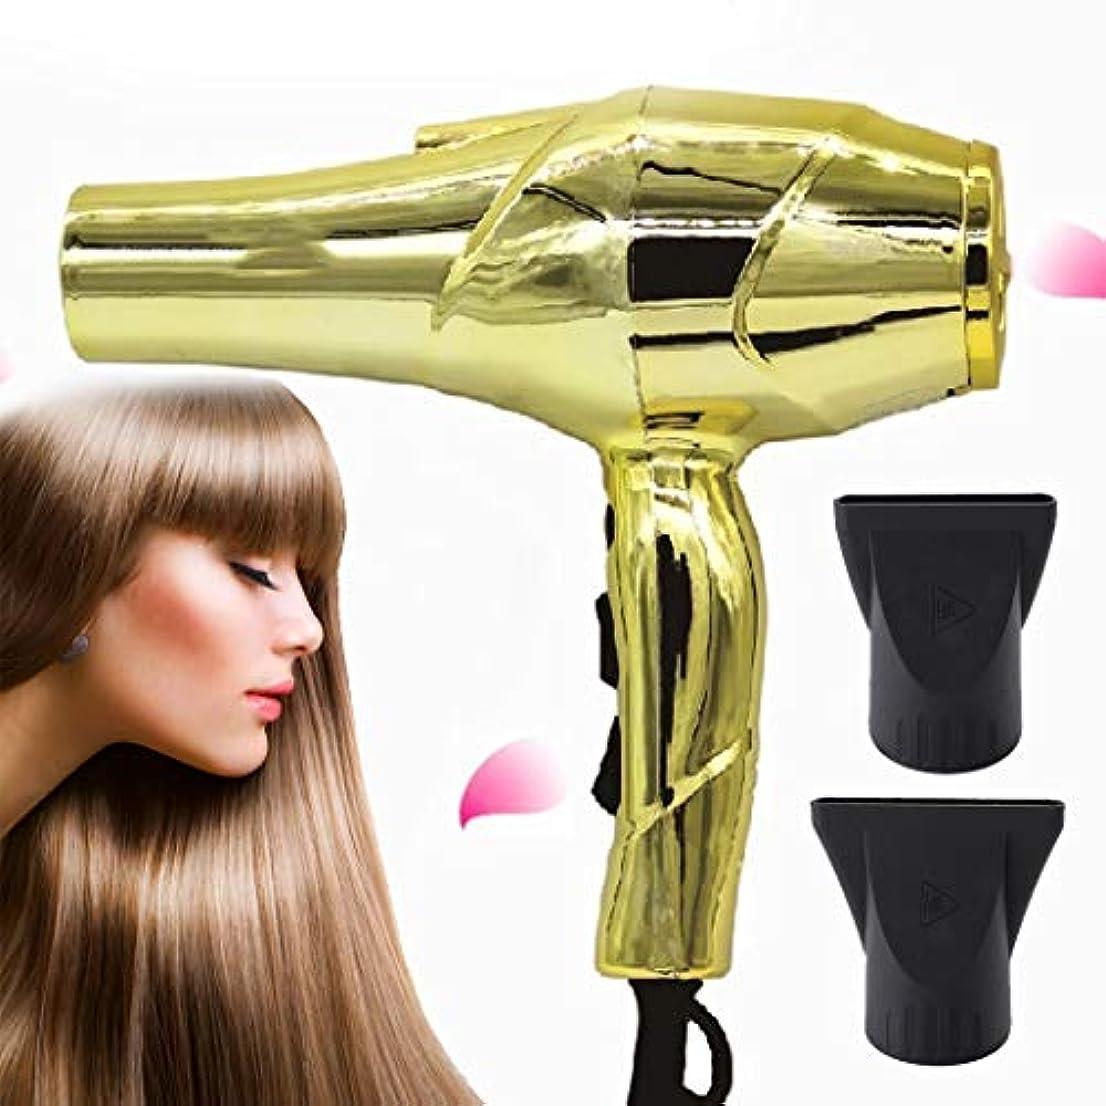 窒息させる代表受け入れたドライヤーACモーターを搭載する巻き毛の軽量のイオンのドライヤーのための専門のヘアードライヤーの陶磁器のドライヤー-gold